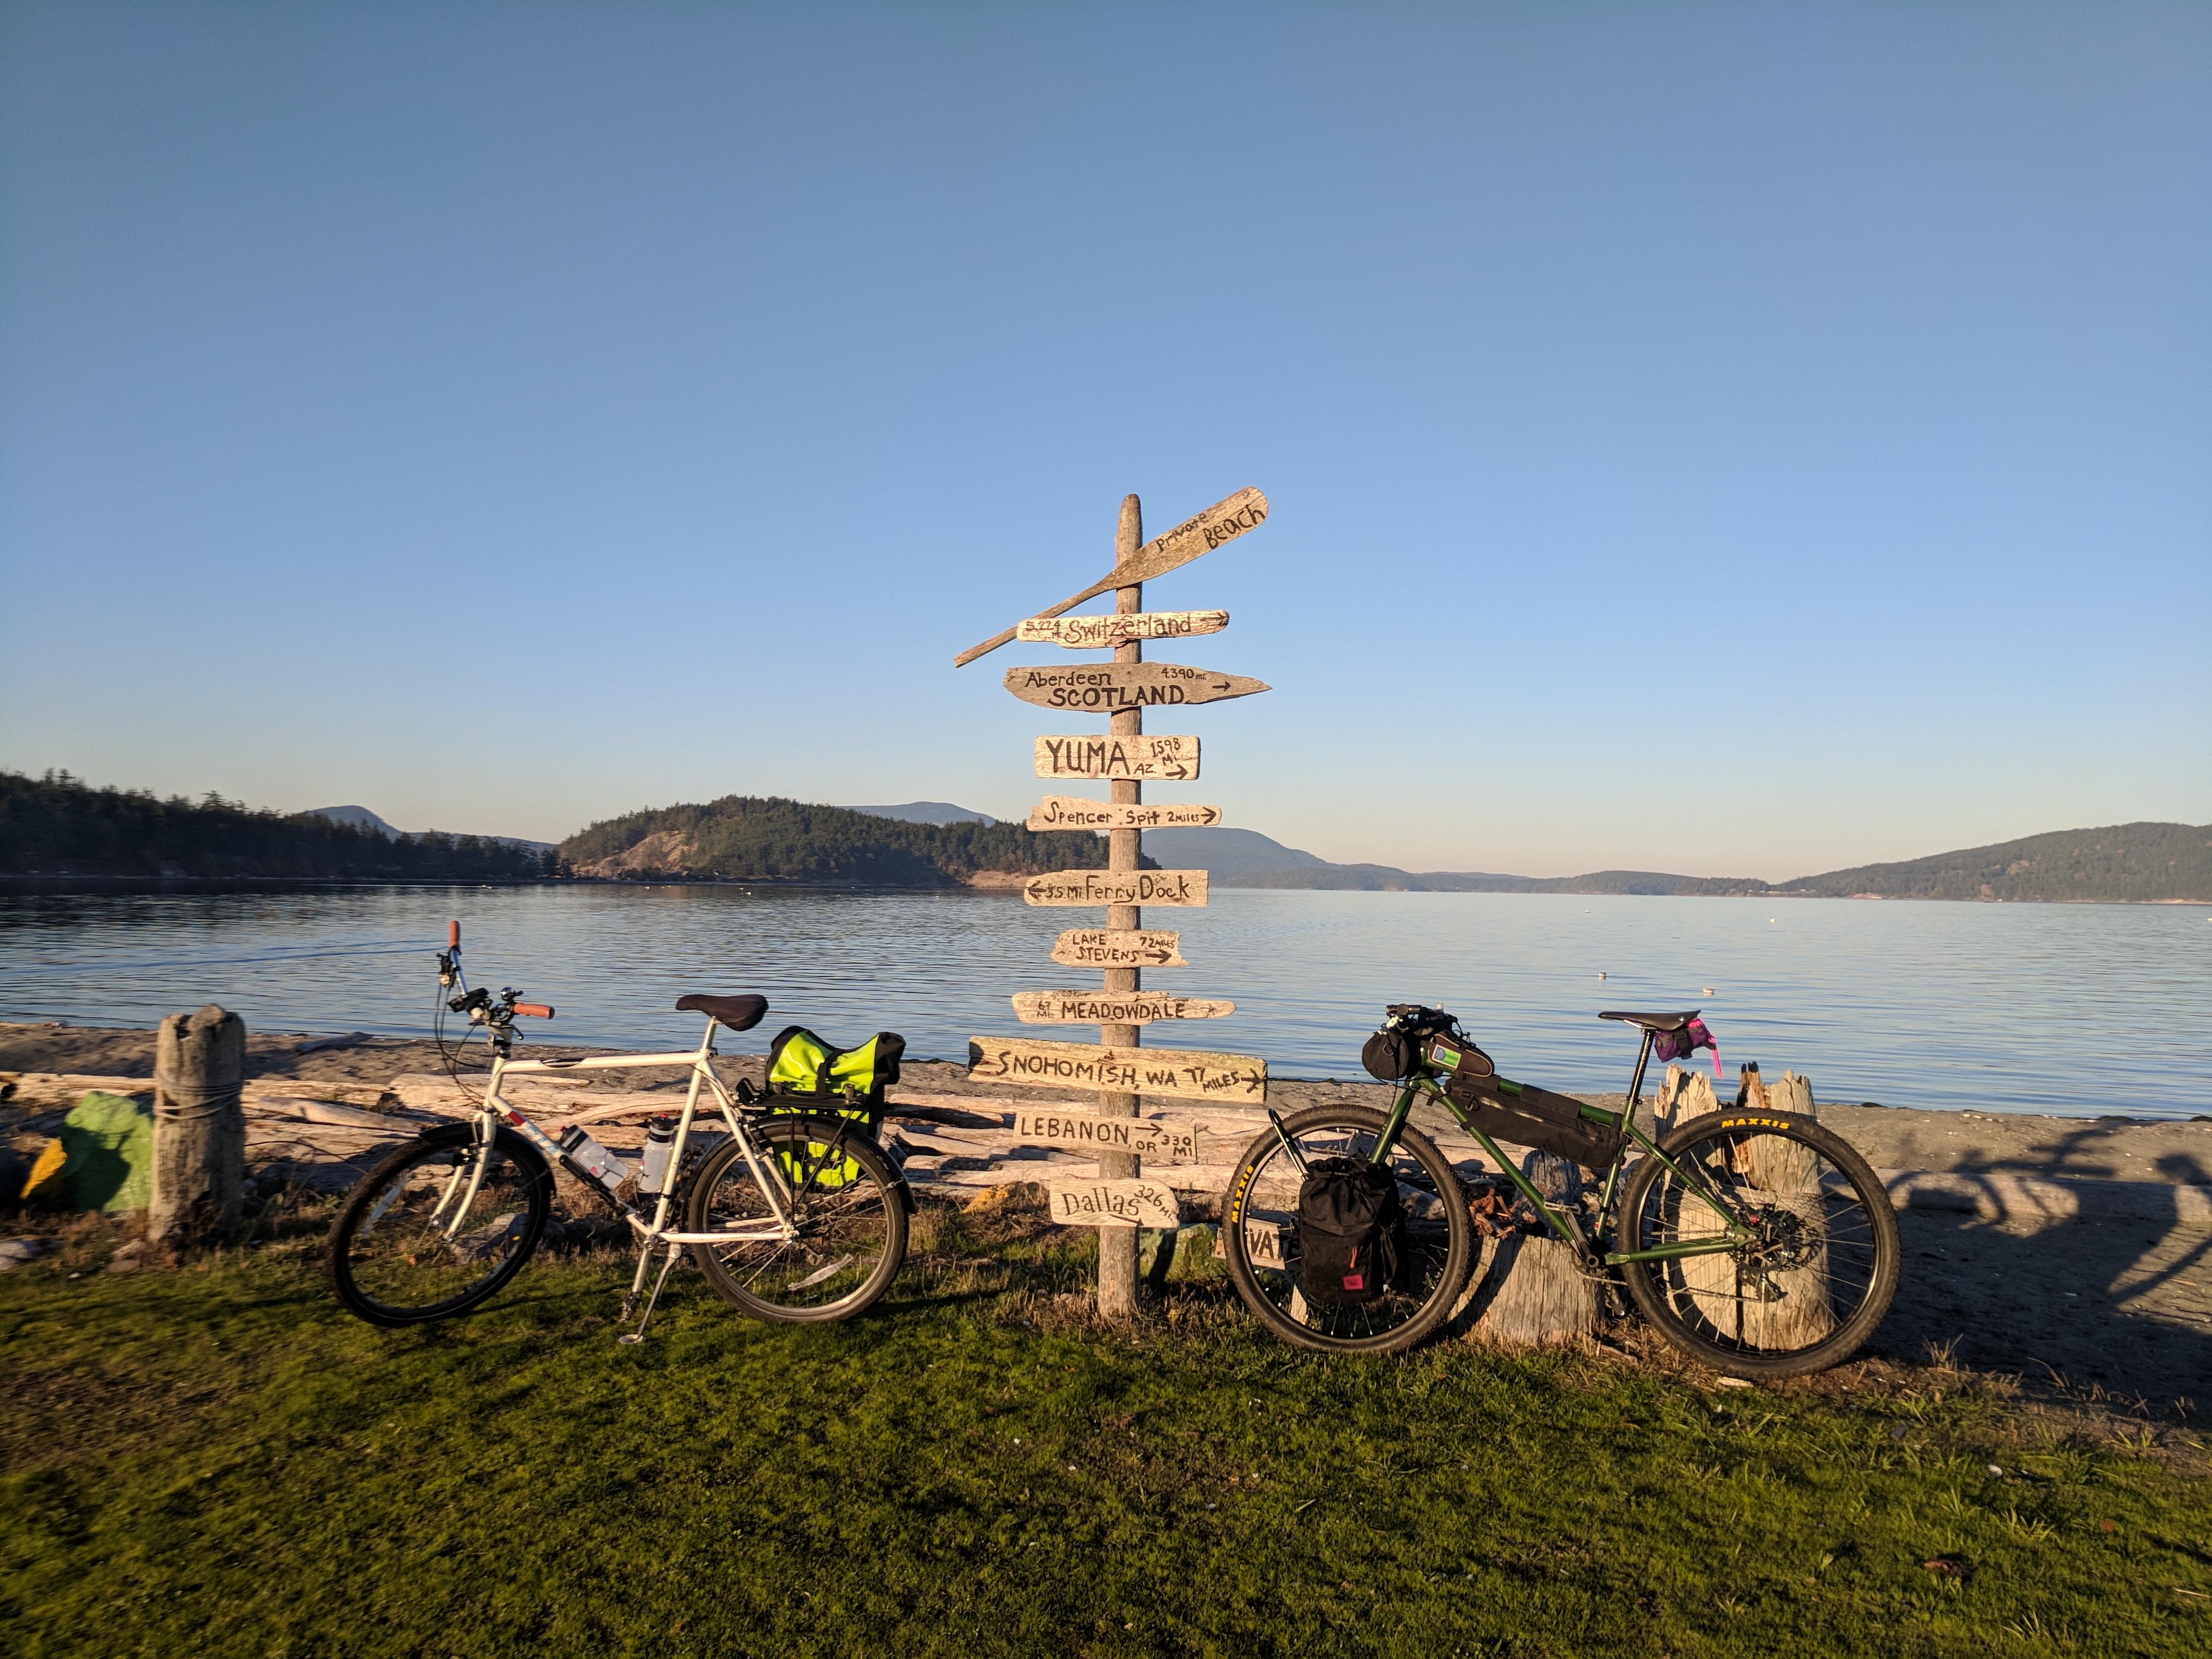 Riding bikes on Lopez Island